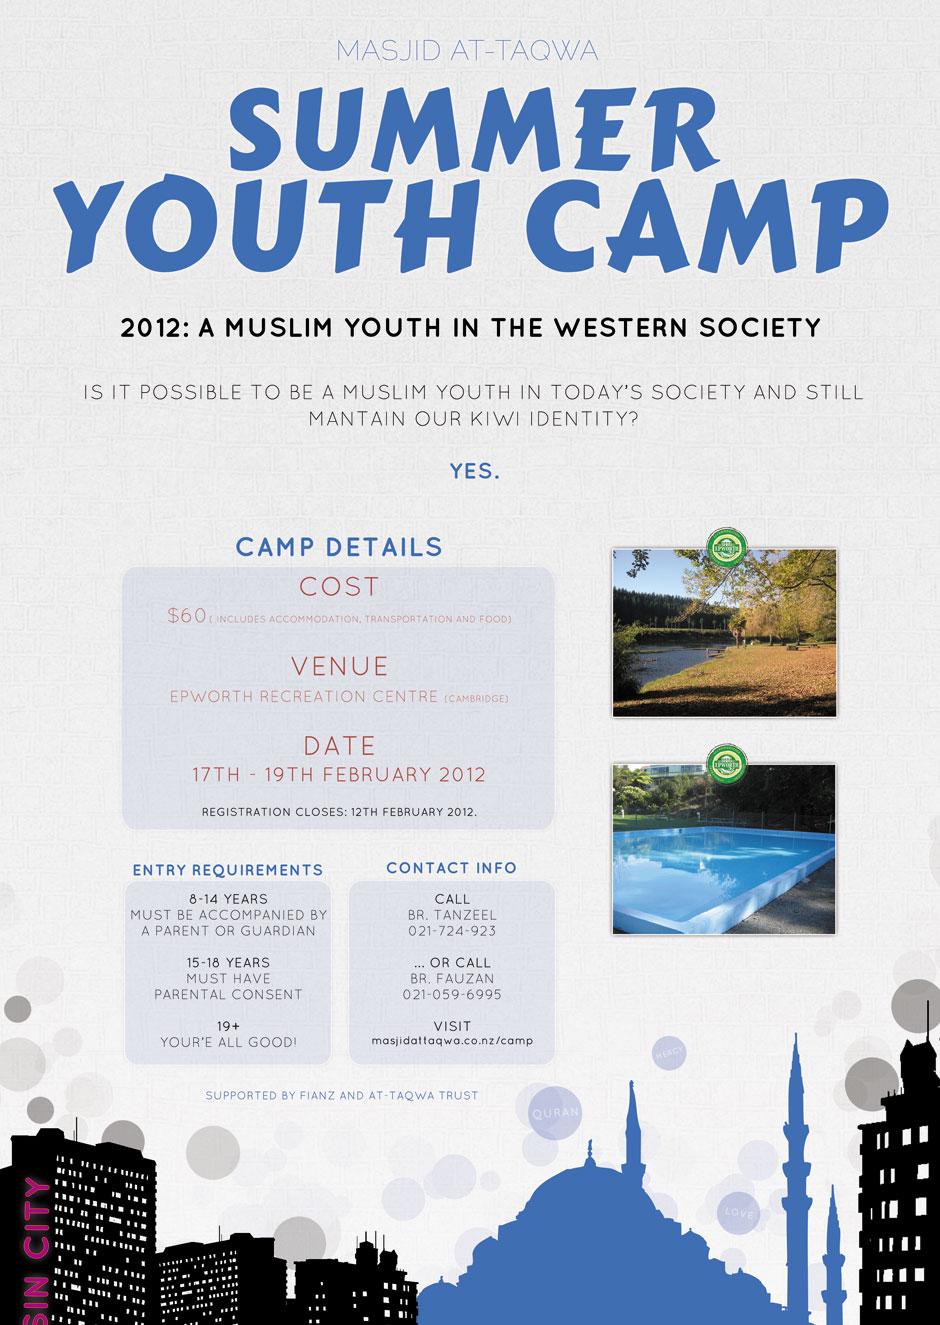 Masjid at-Taqwa Summer Youth Camp 2012